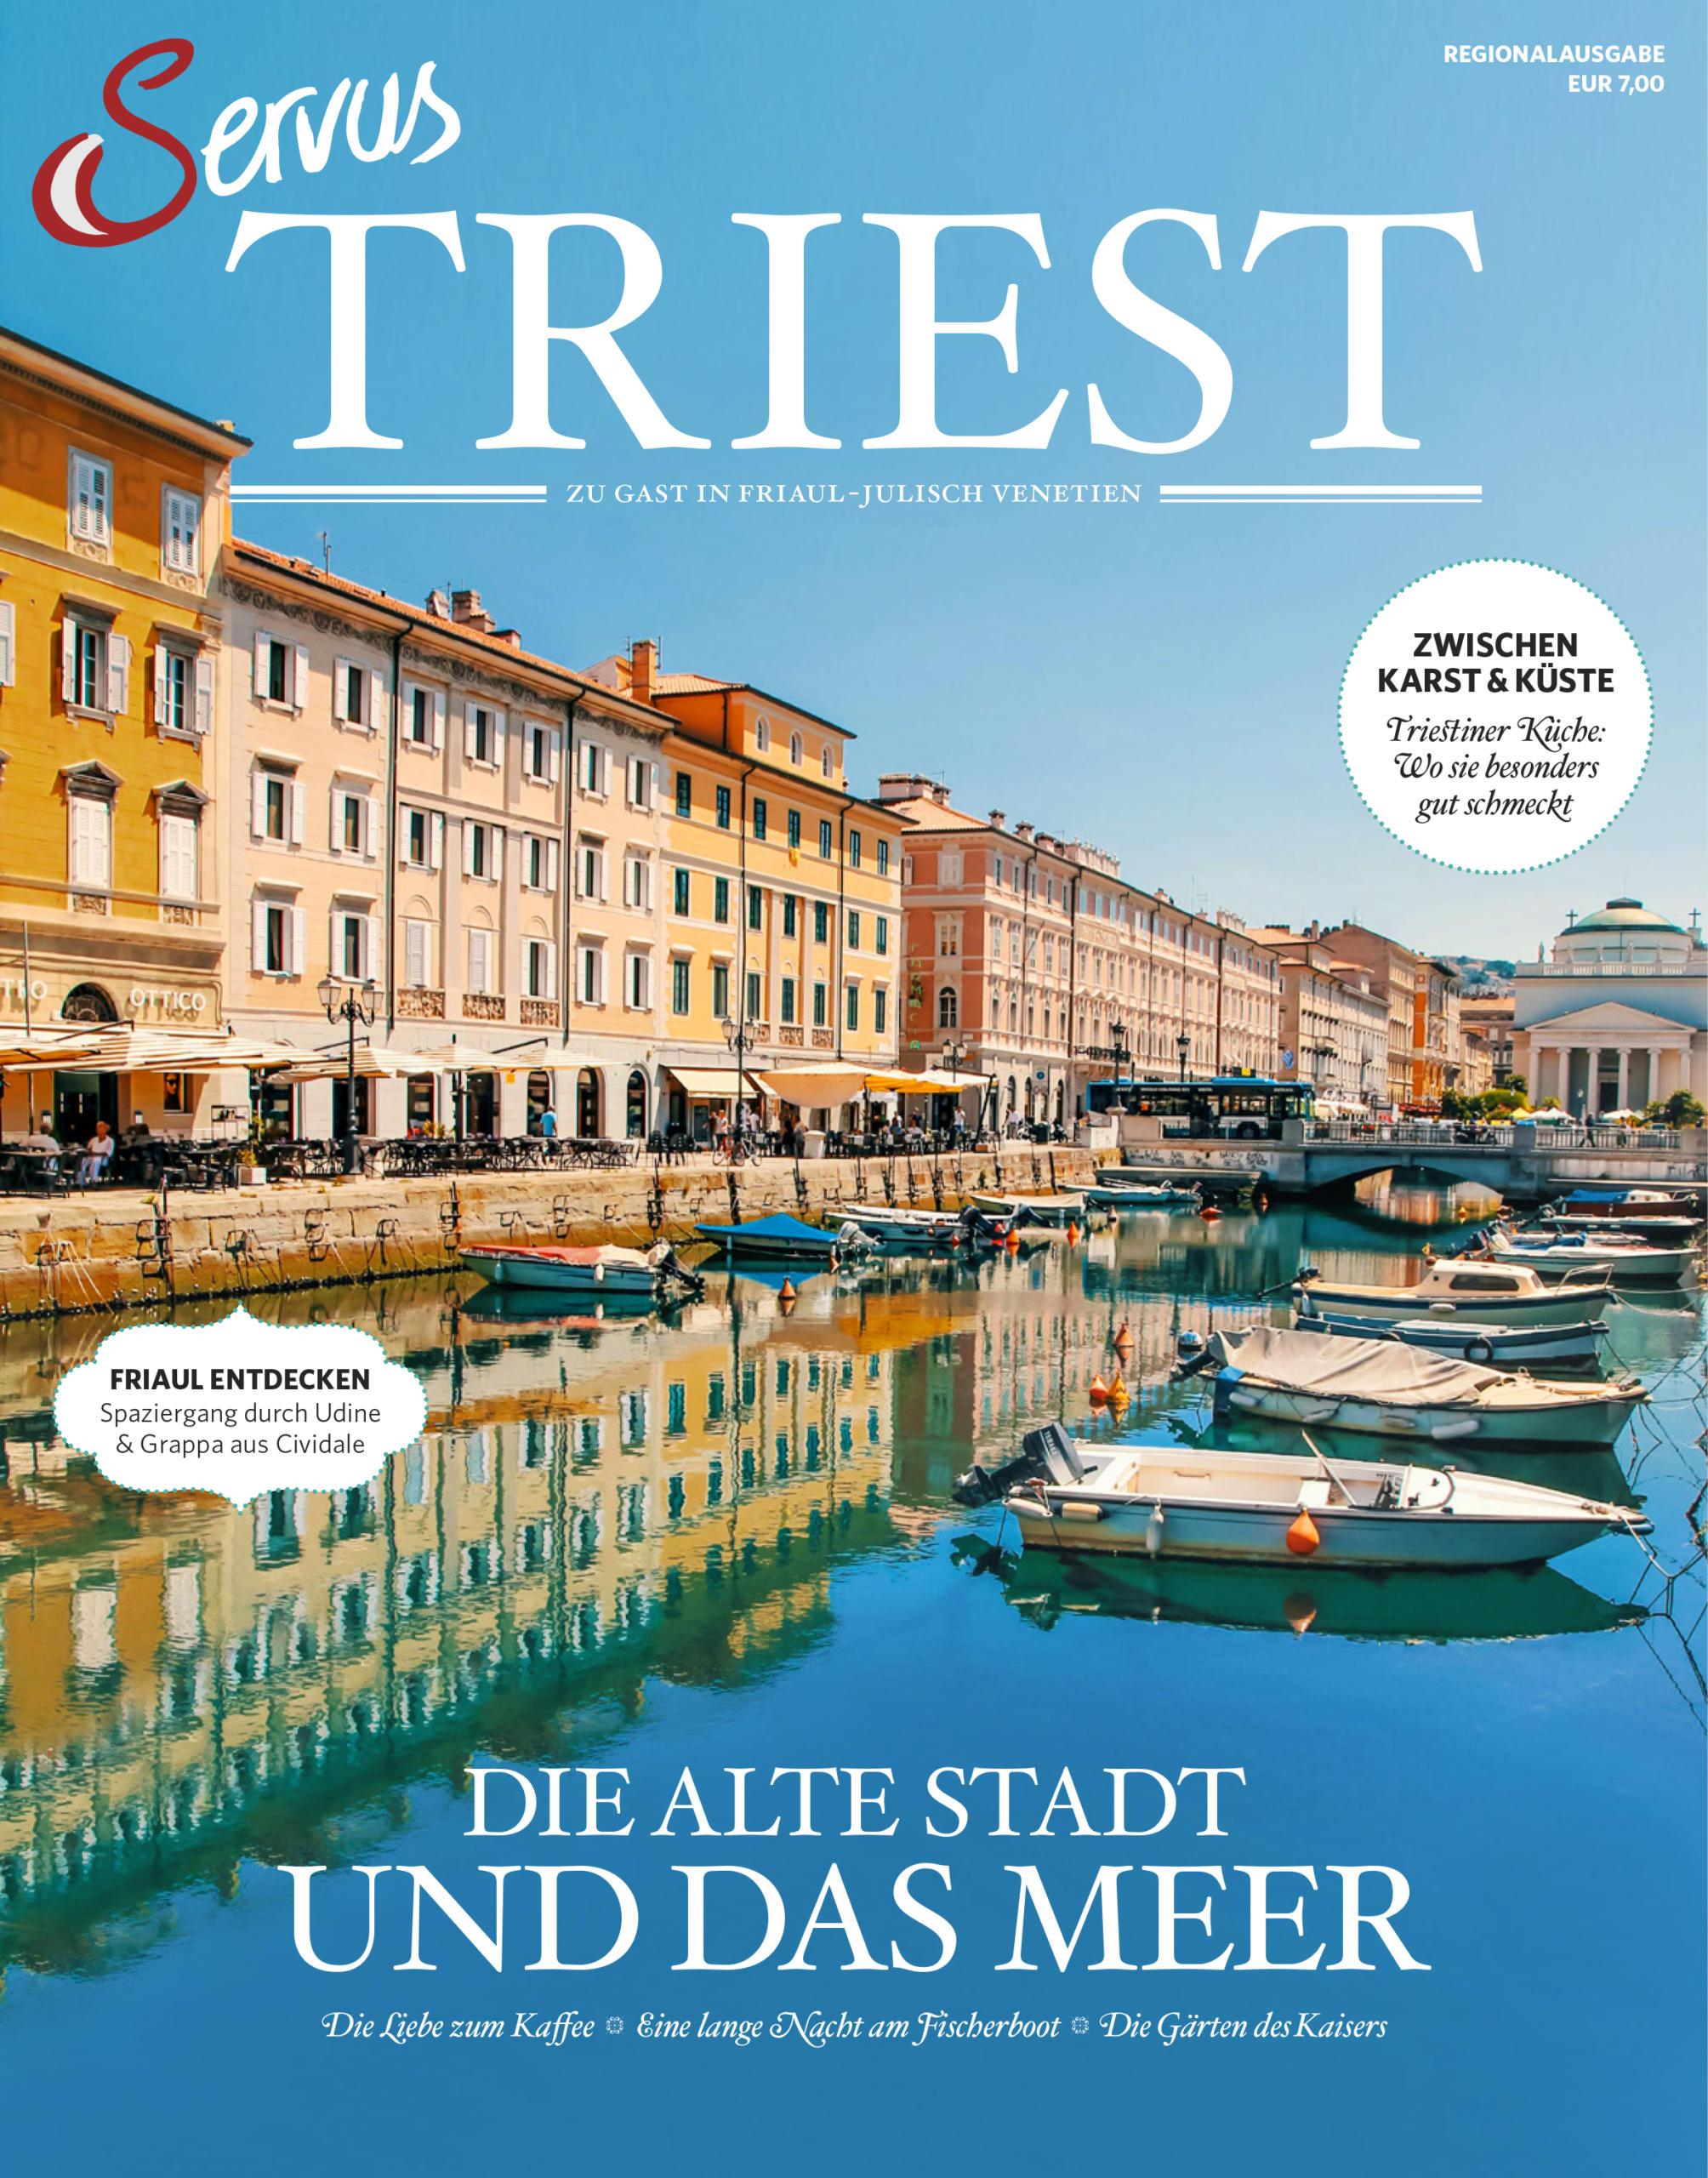 2020 luglio 29: Servus Triest – Das Geheimnis der Meisterbrenner